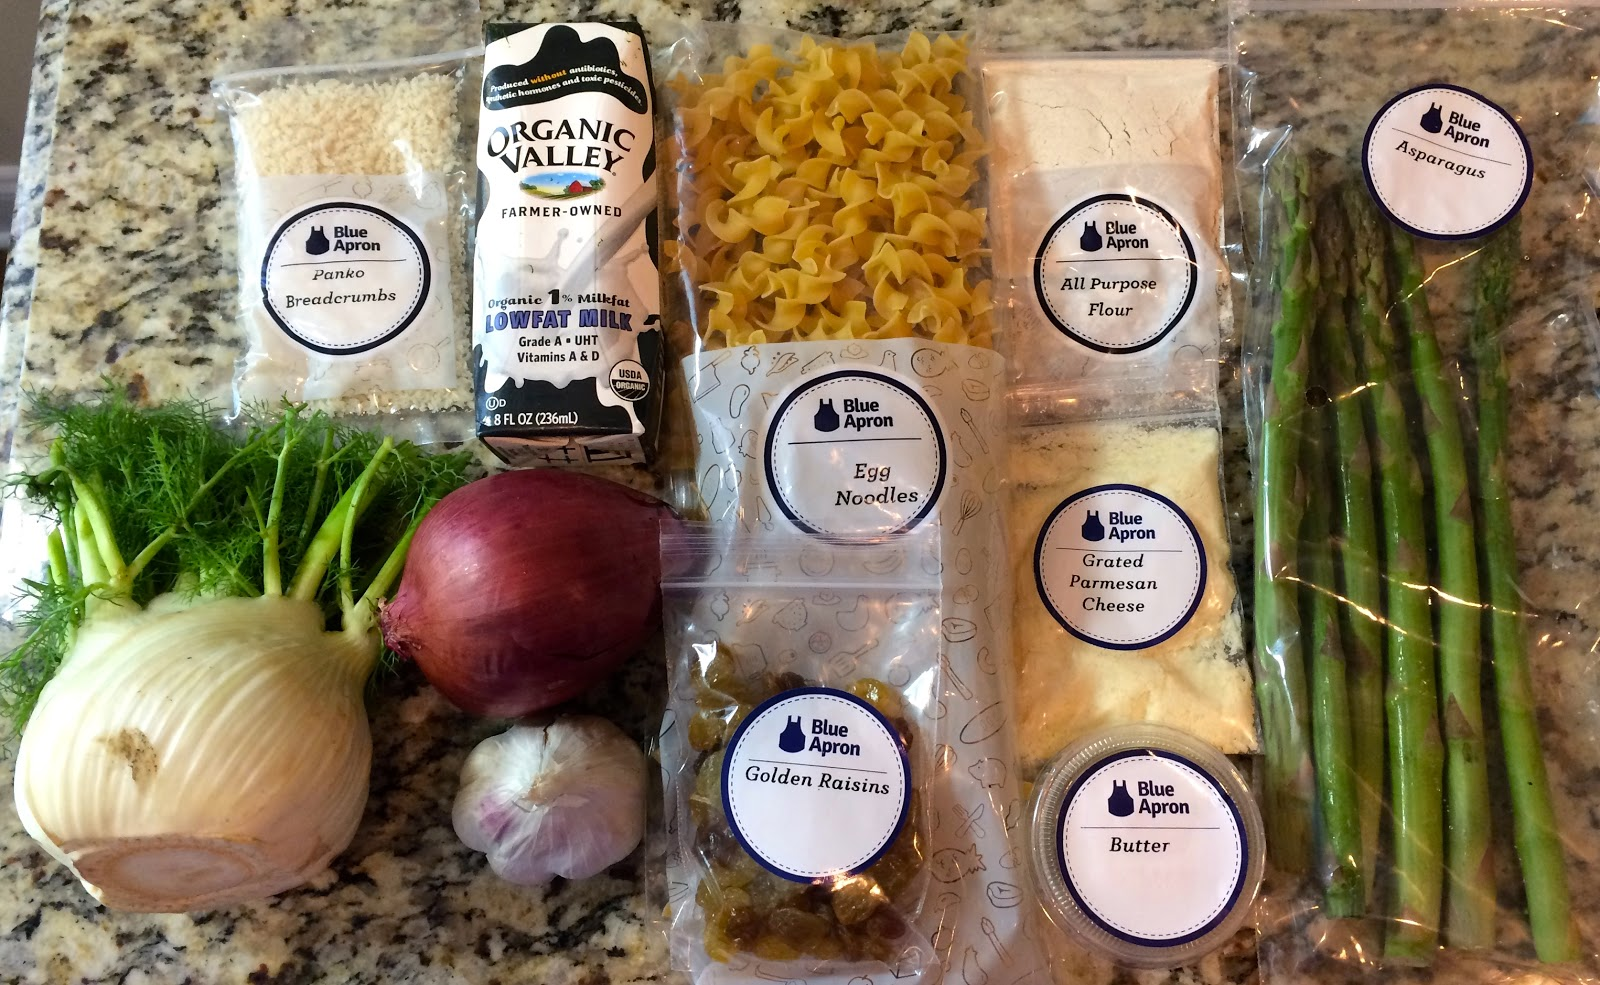 Blue apron qvc - Spring Casserole With Fennel Asparagus Golden Raisins